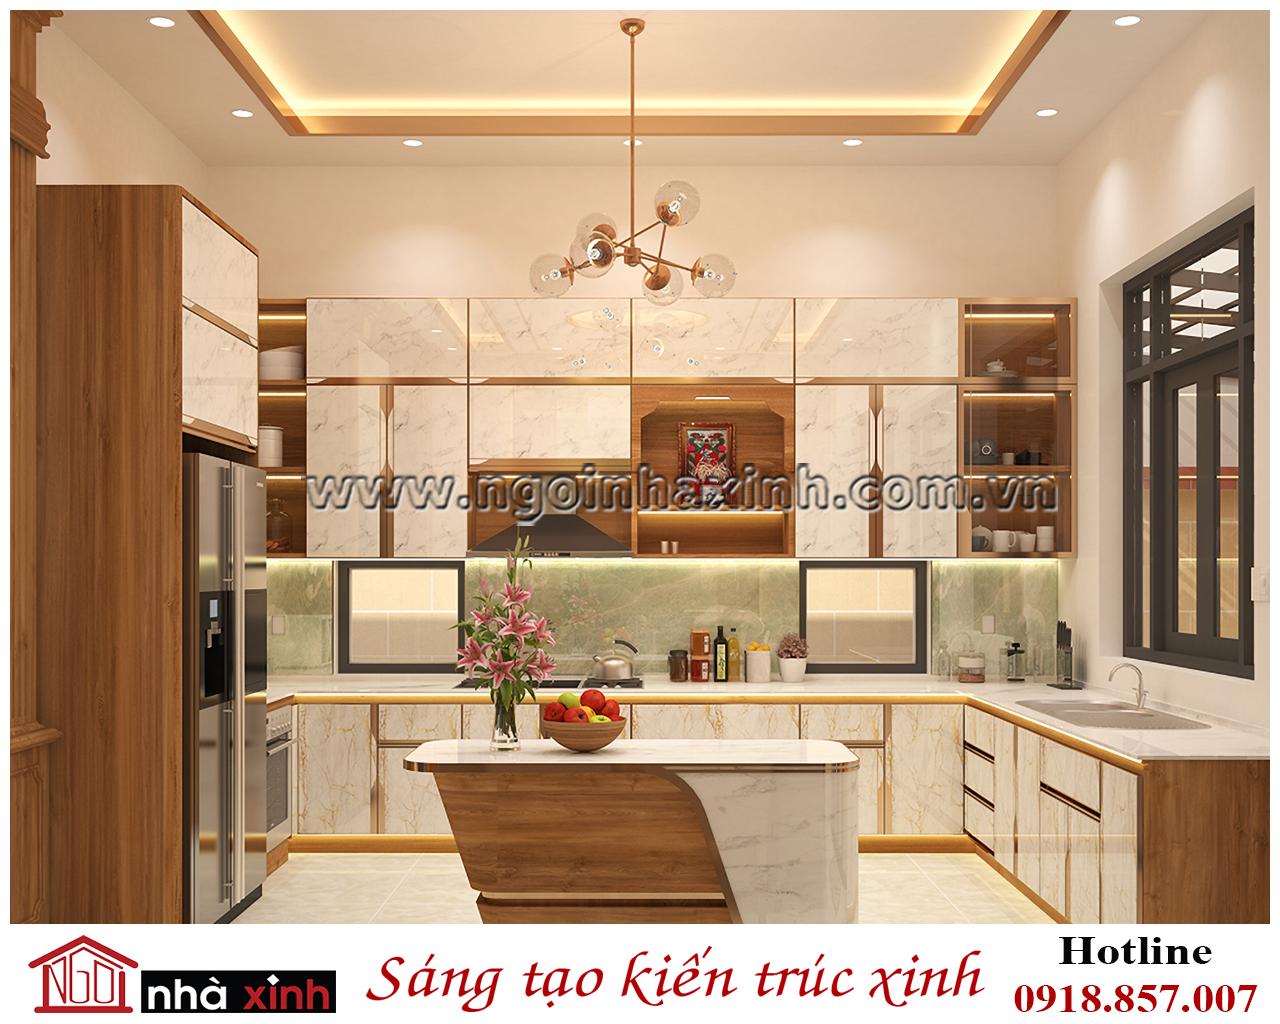 nội thất đẹp, noi that dep, nội thất phòng bếp đẹp, phòng bếp đẹp, nhà xinh, nội thất nhà xinh, ngôi nhà xinh